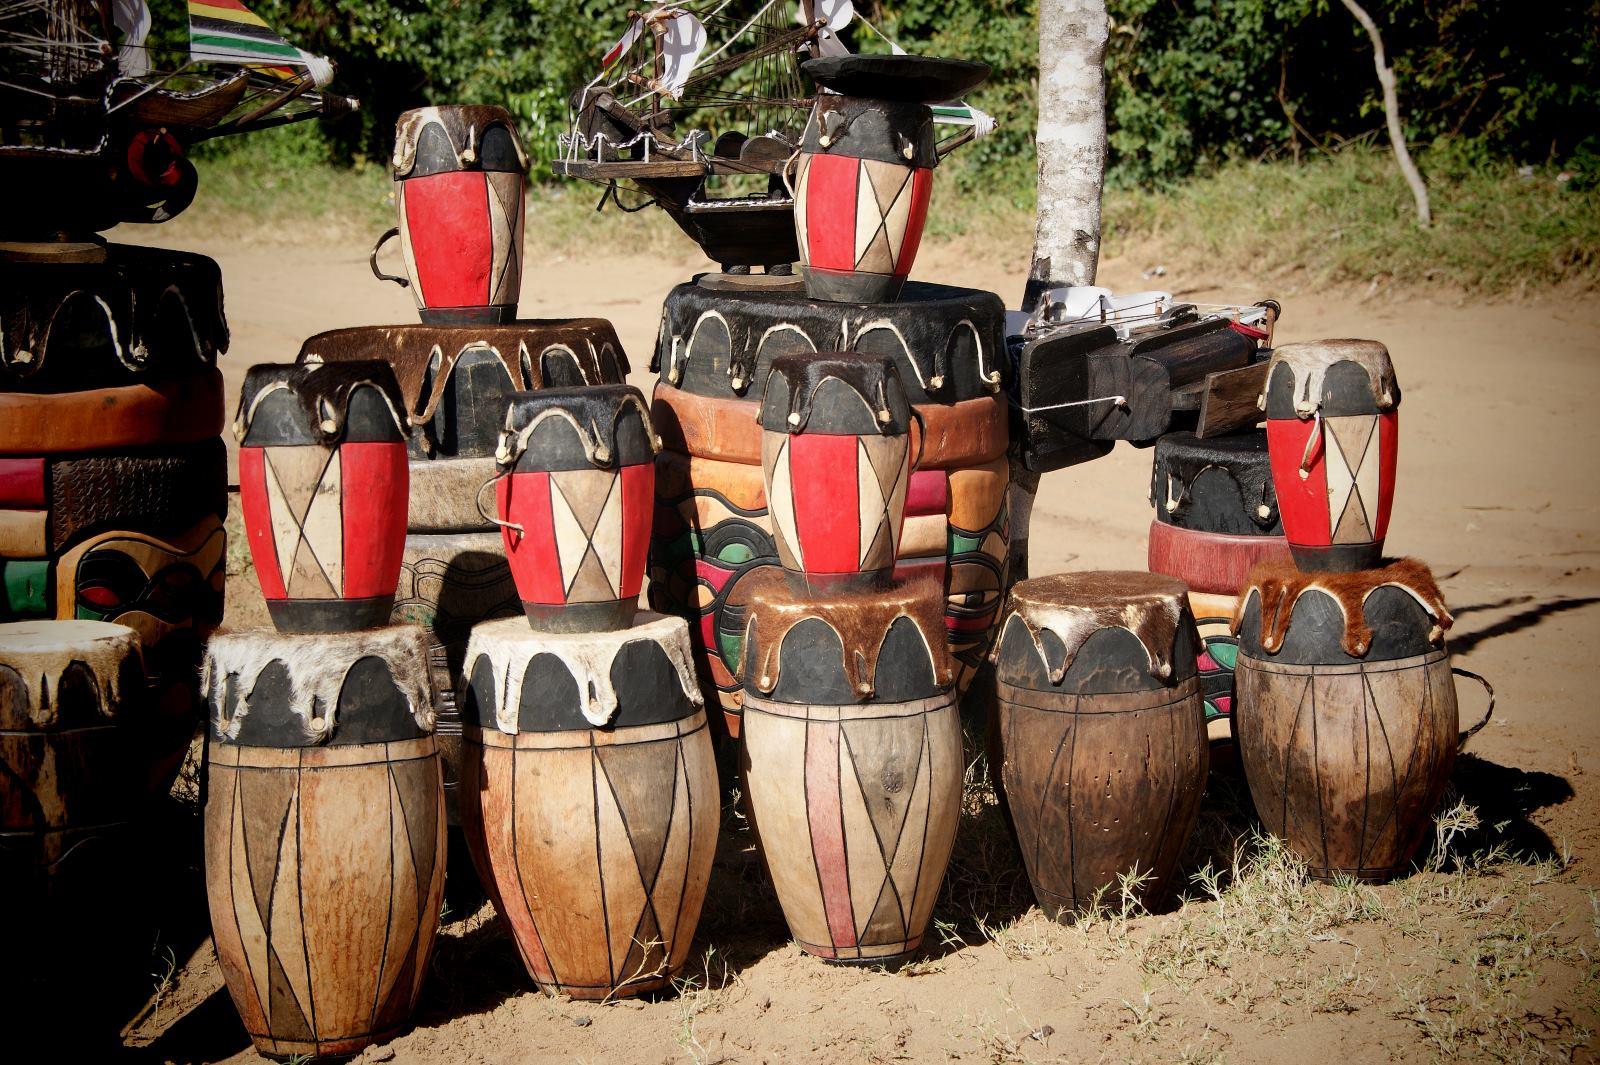 Trommeln und Kultur in Vilankulos (oder Vilanculos) Mosambik